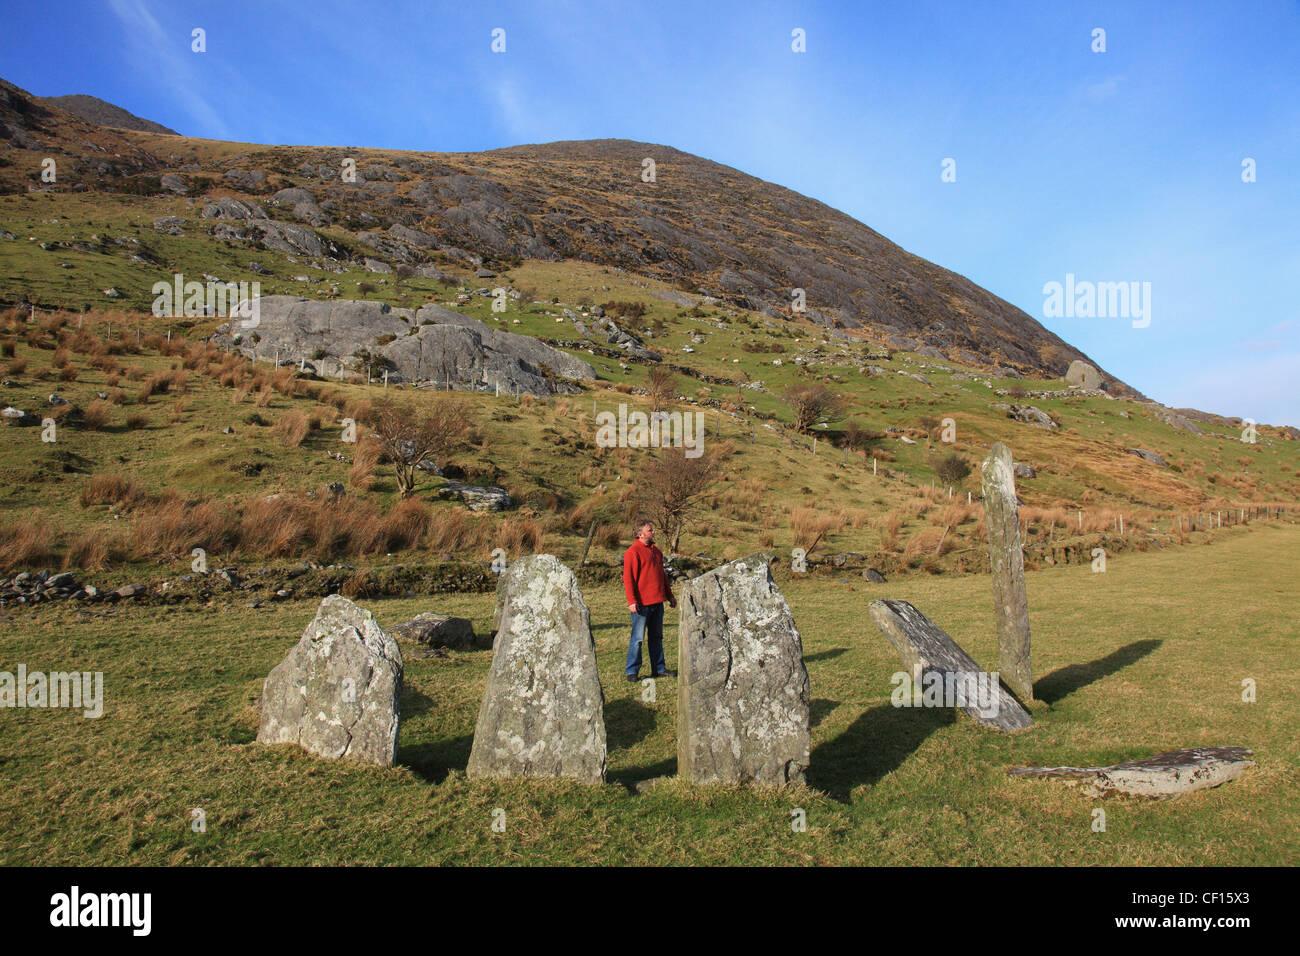 Ein Mann steht In einem Steinkreis; Lauragh County Kerry Irland Stockbild